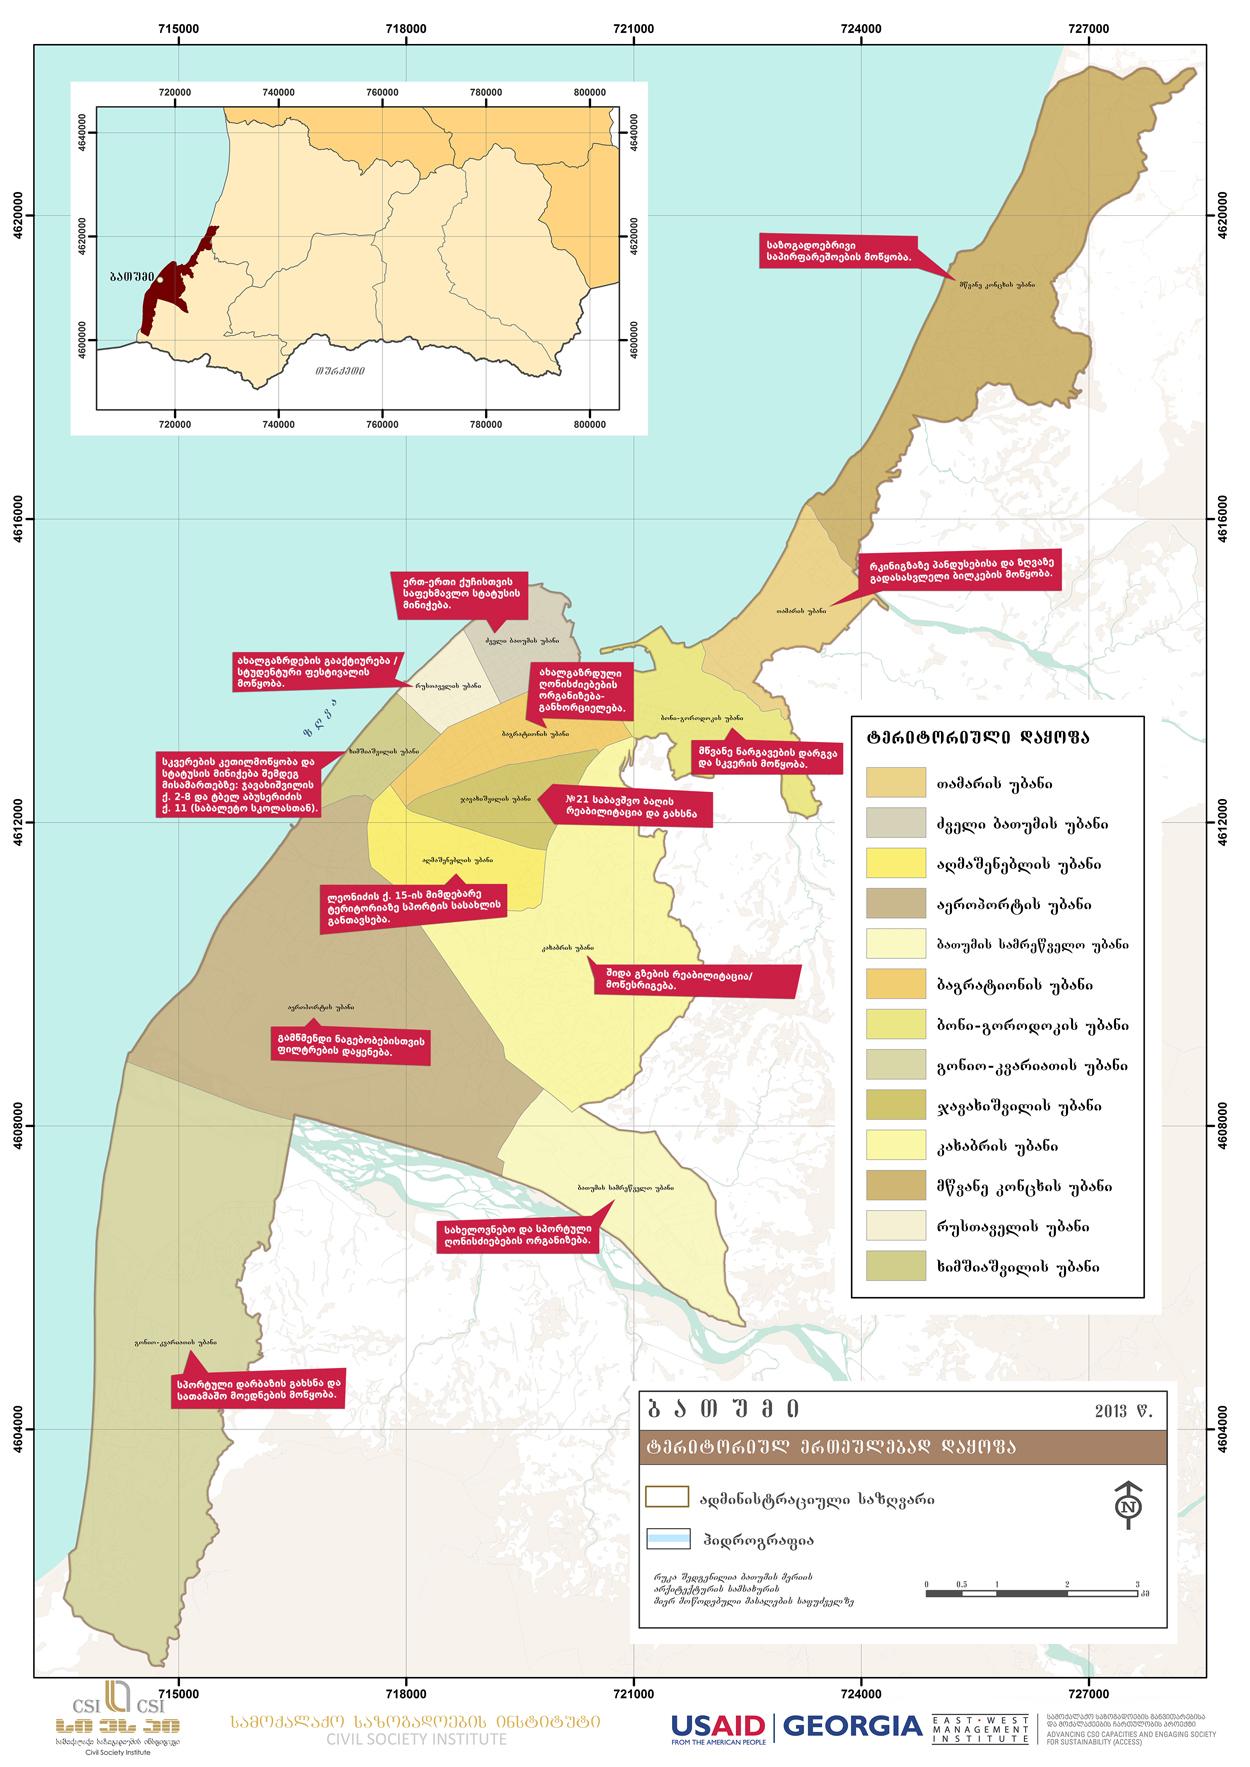 ინიციატივების რუკა